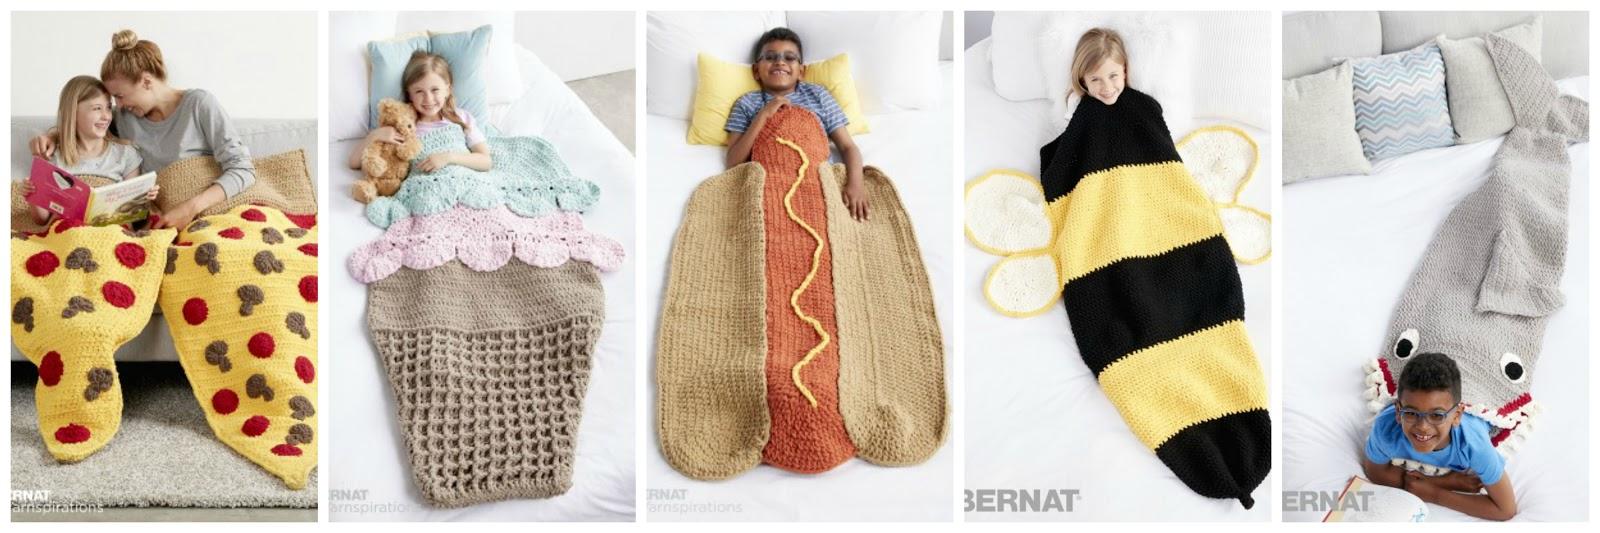 Srta. Cacahueta: #1. Descubrimientos: Patrones a crochet